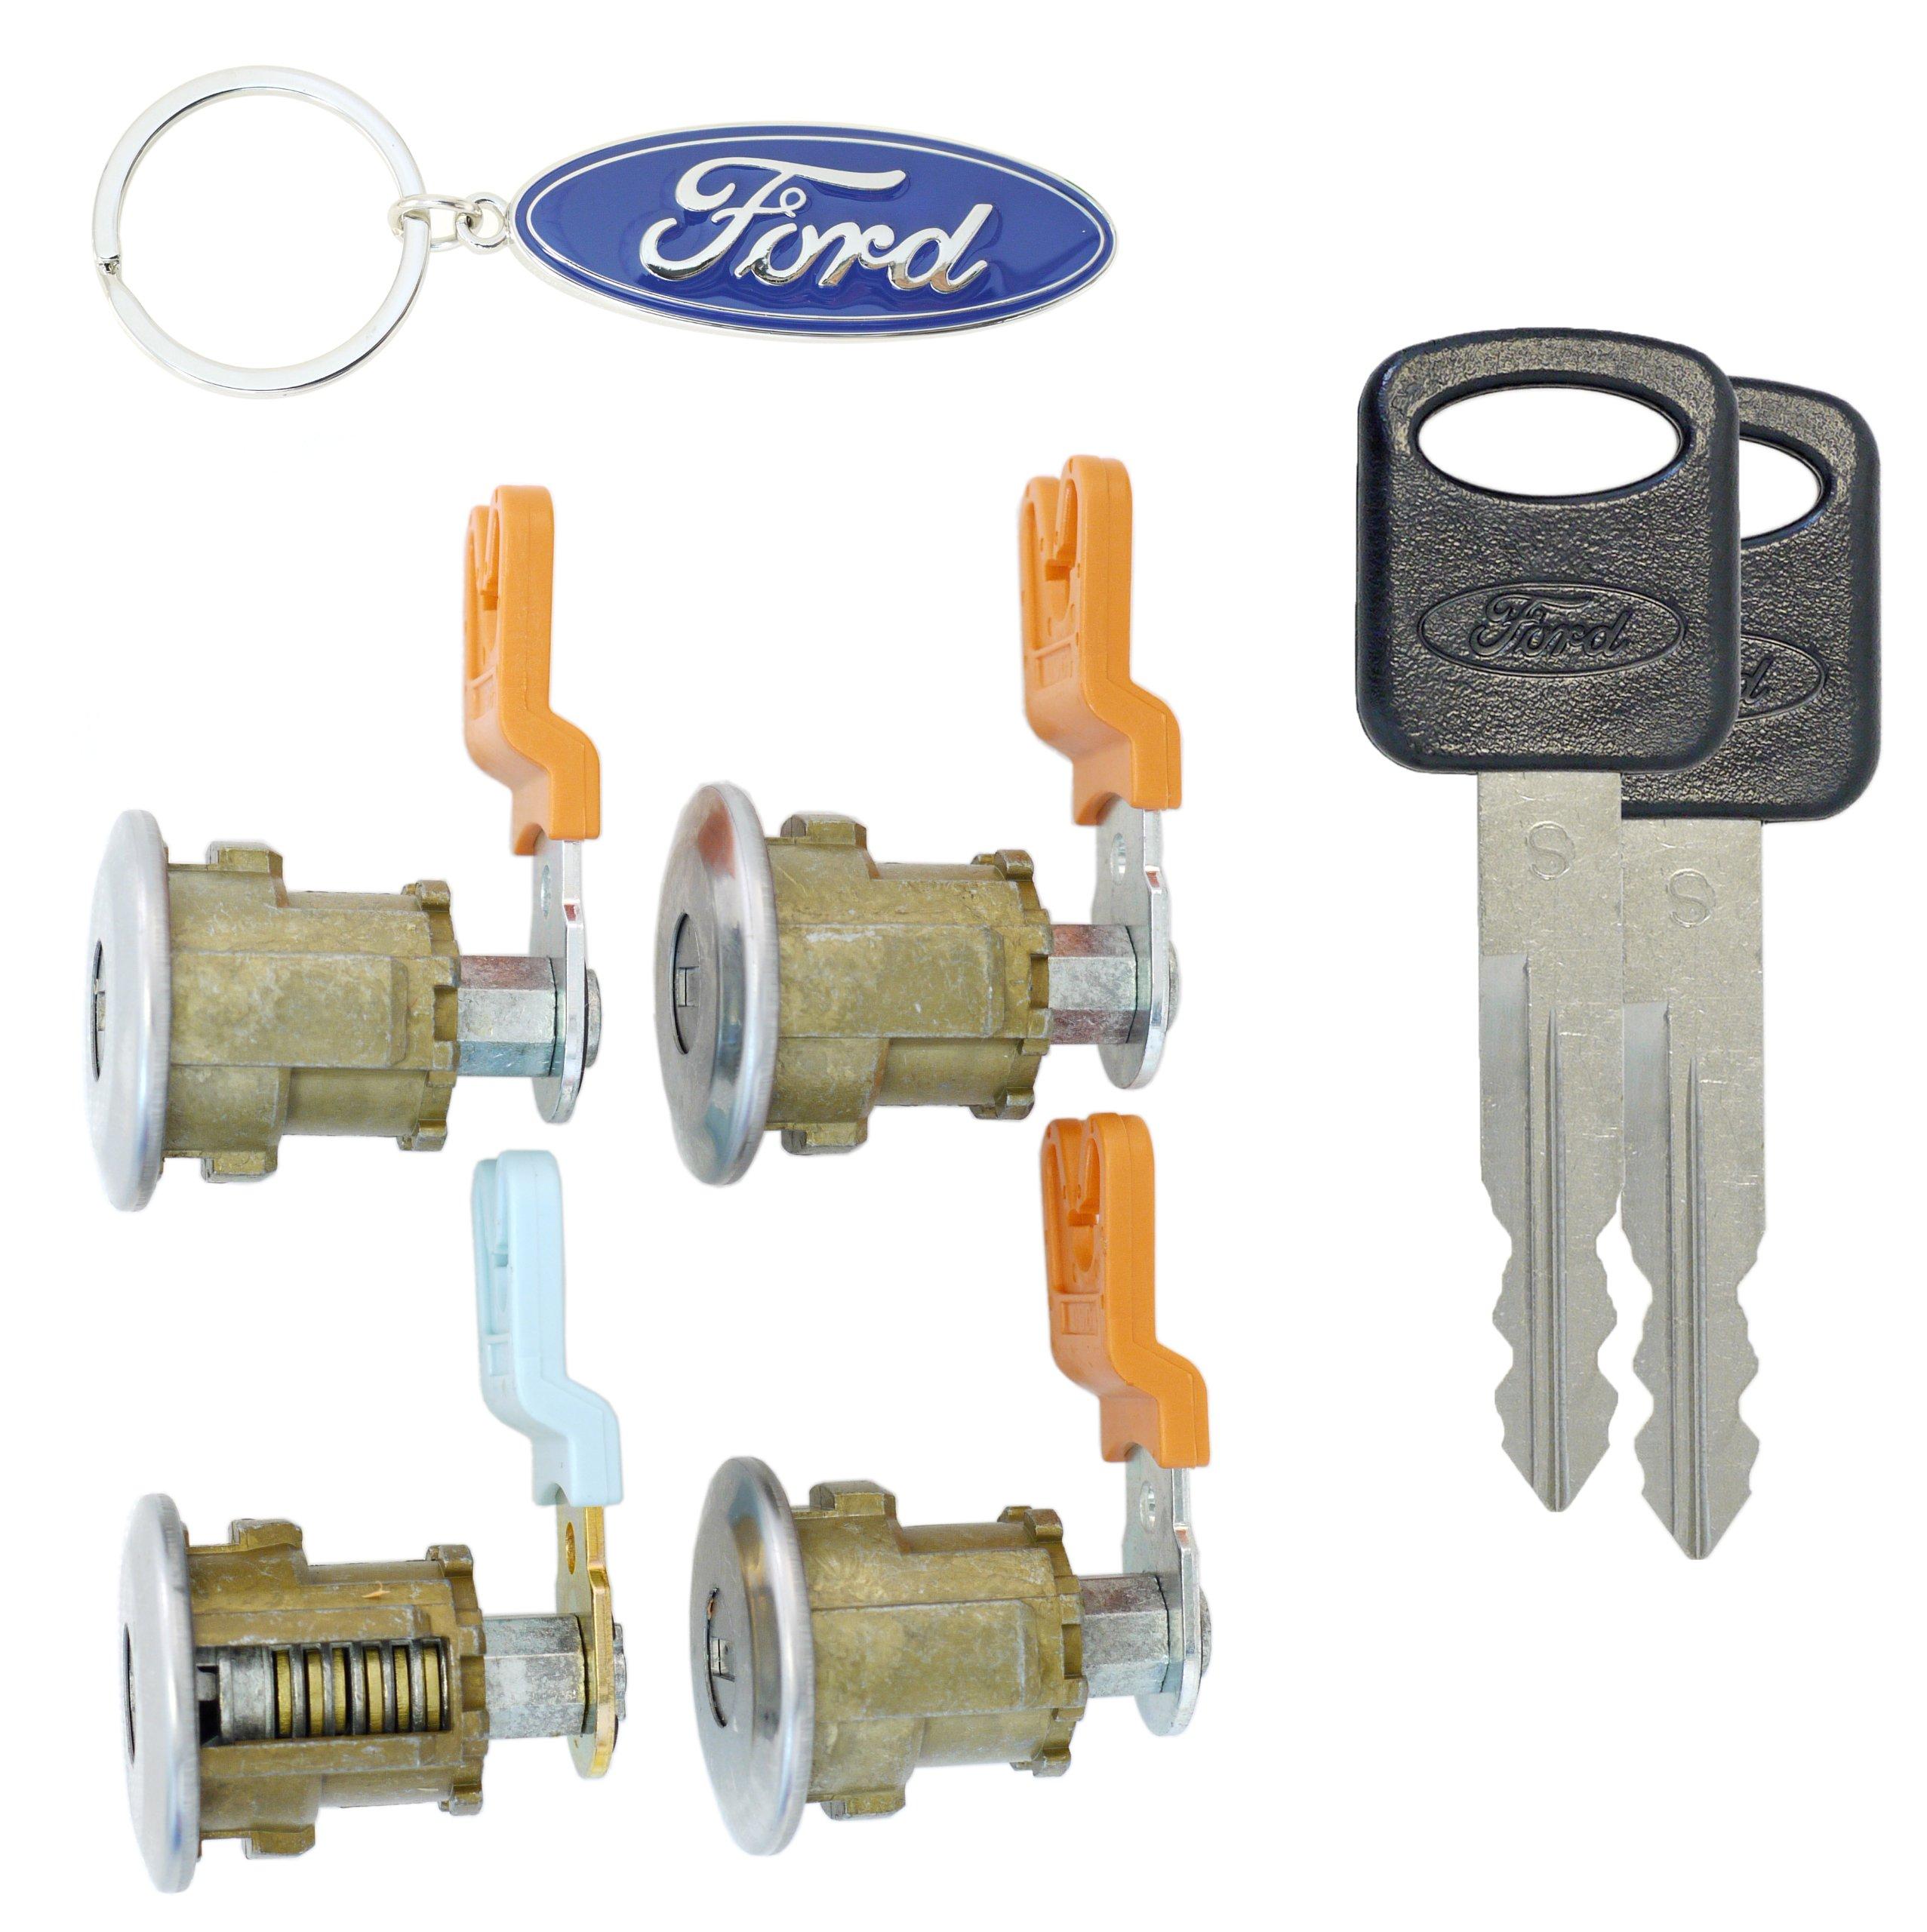 Ford Econoline Van Ignition /& 4 Chrome Door Lock Cylinder W//4 OEM Ford Logo Keys